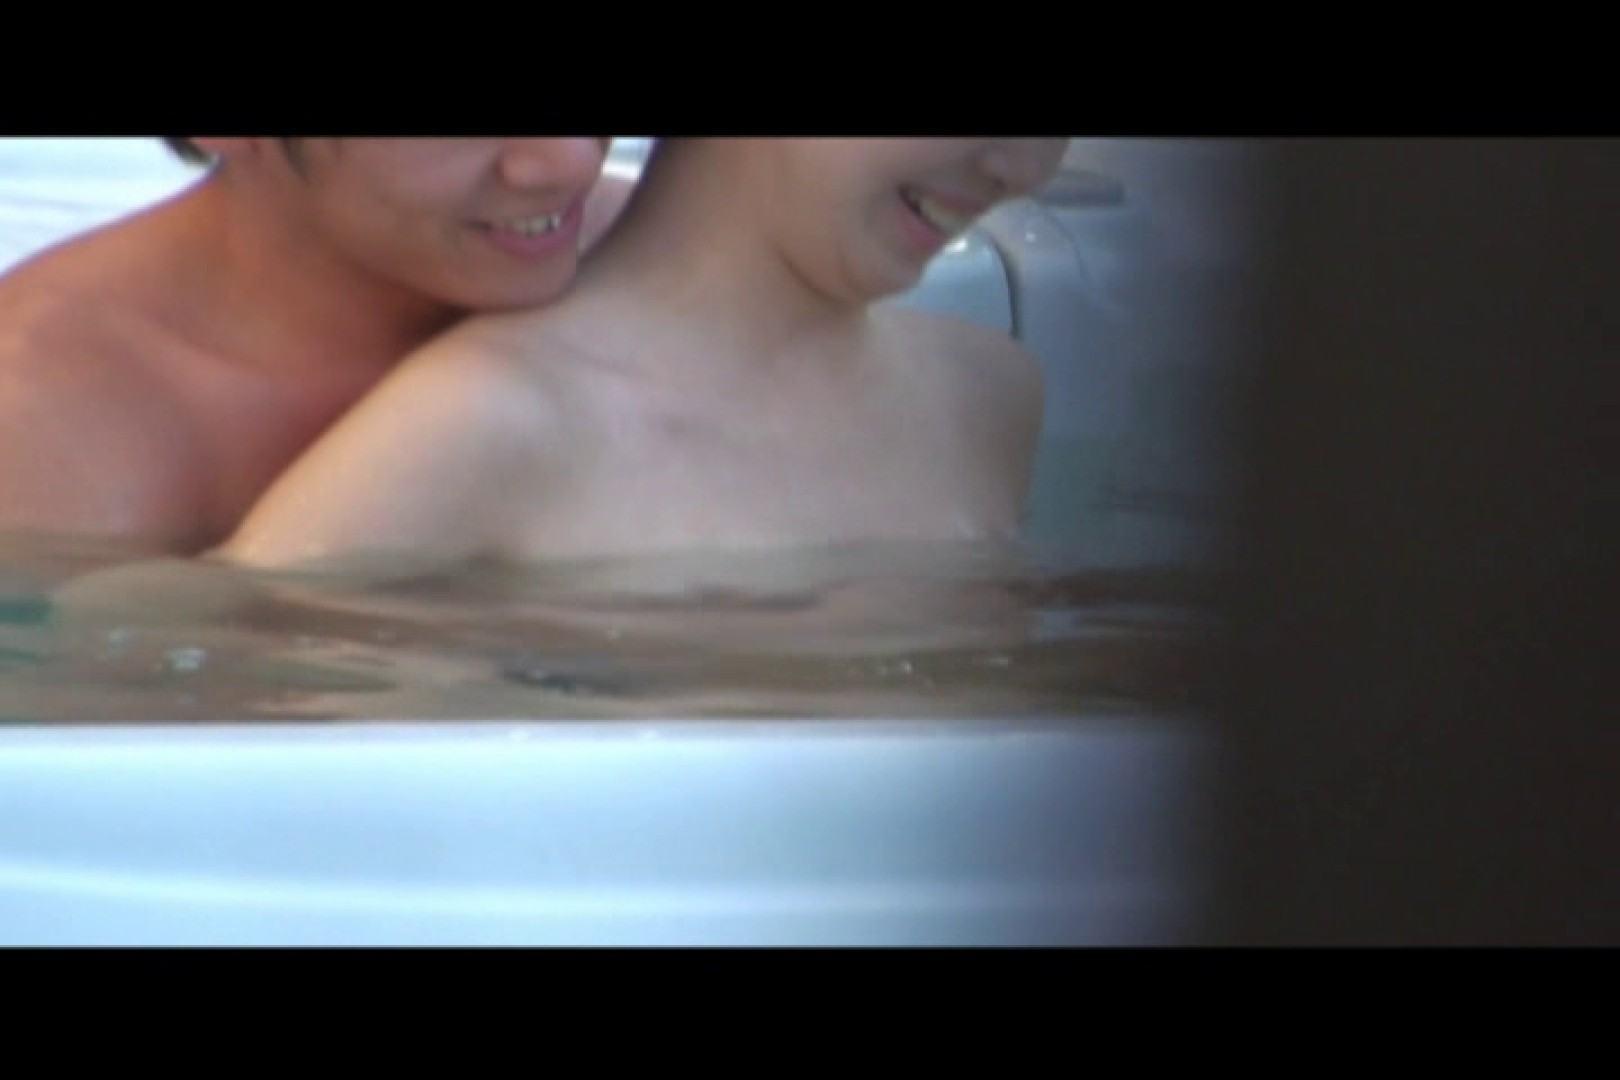 貸切露天 発情カップル! vol.09 カップル   露天風呂の女子達  43画像 1